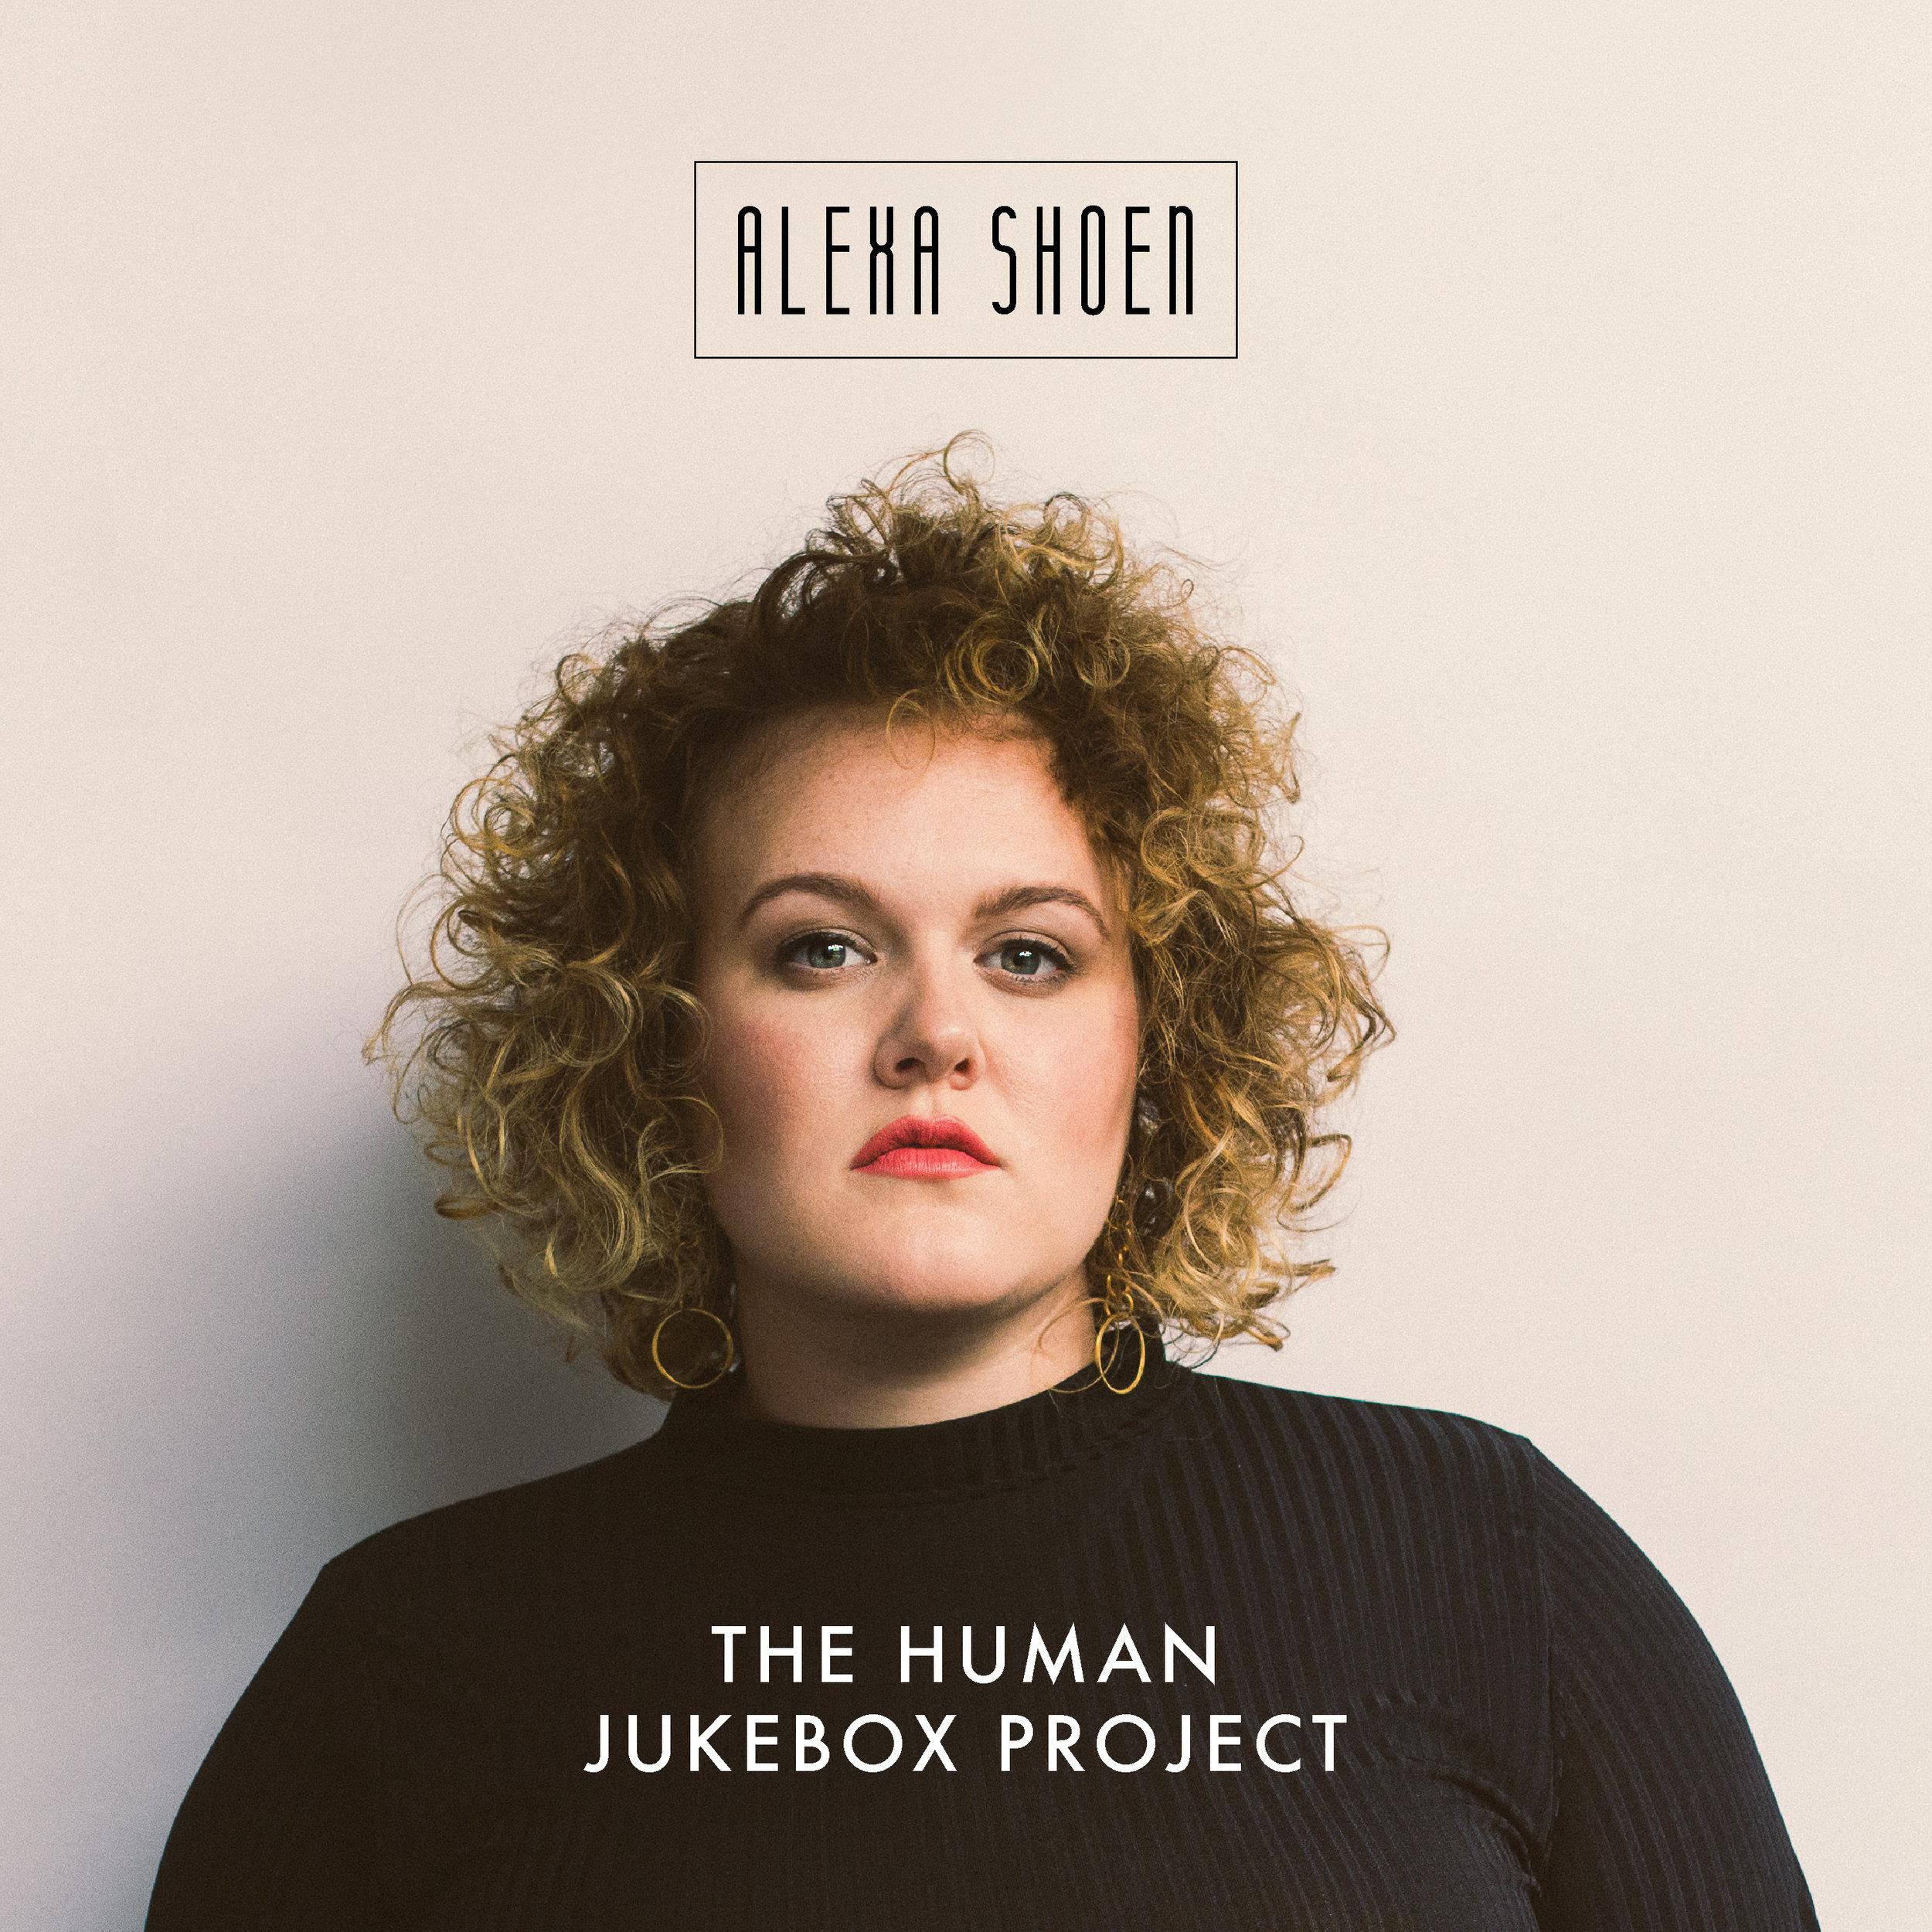 Alexa Shoen_Album cover_3000x3000.jpg